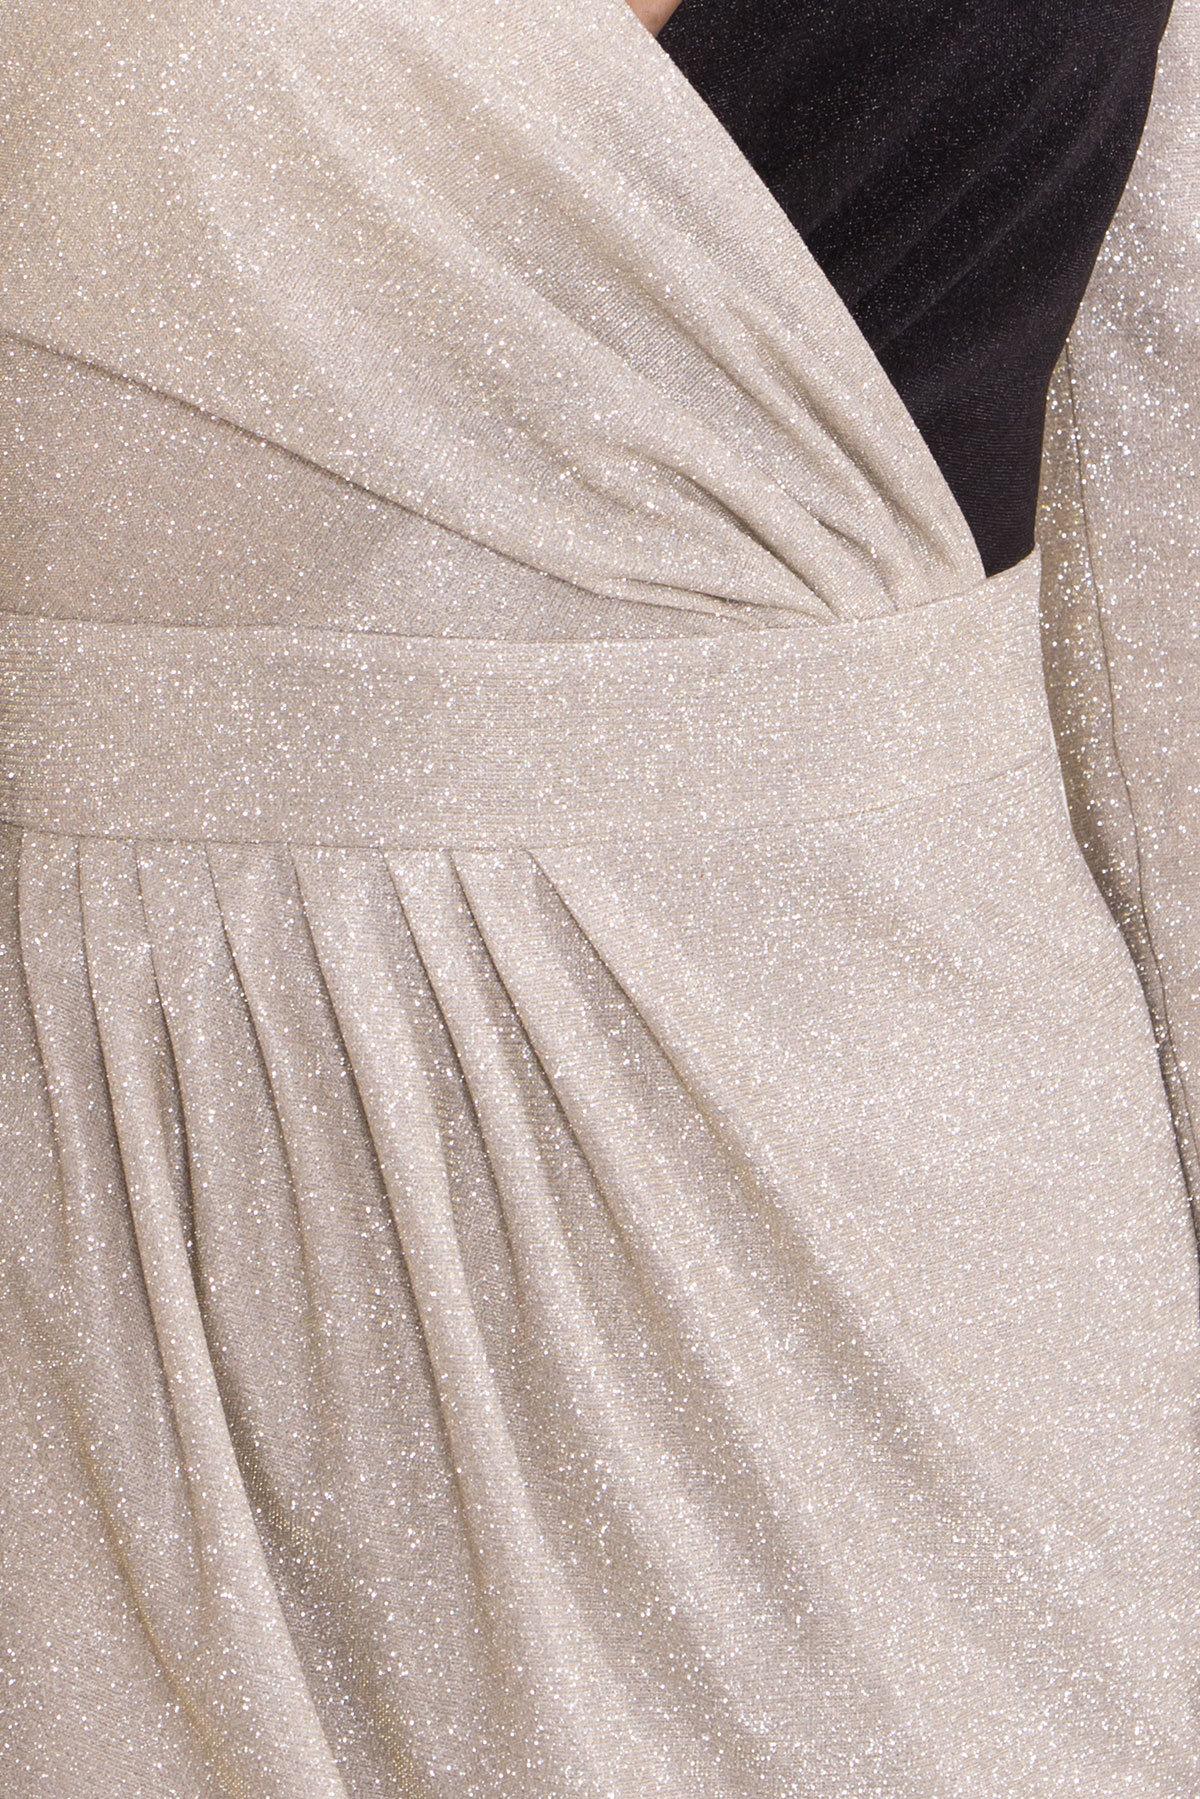 Контрастное двухцветное платье Блеск 8511 АРТ. 44822 Цвет: Серебро/золото - фото 6, интернет магазин tm-modus.ru